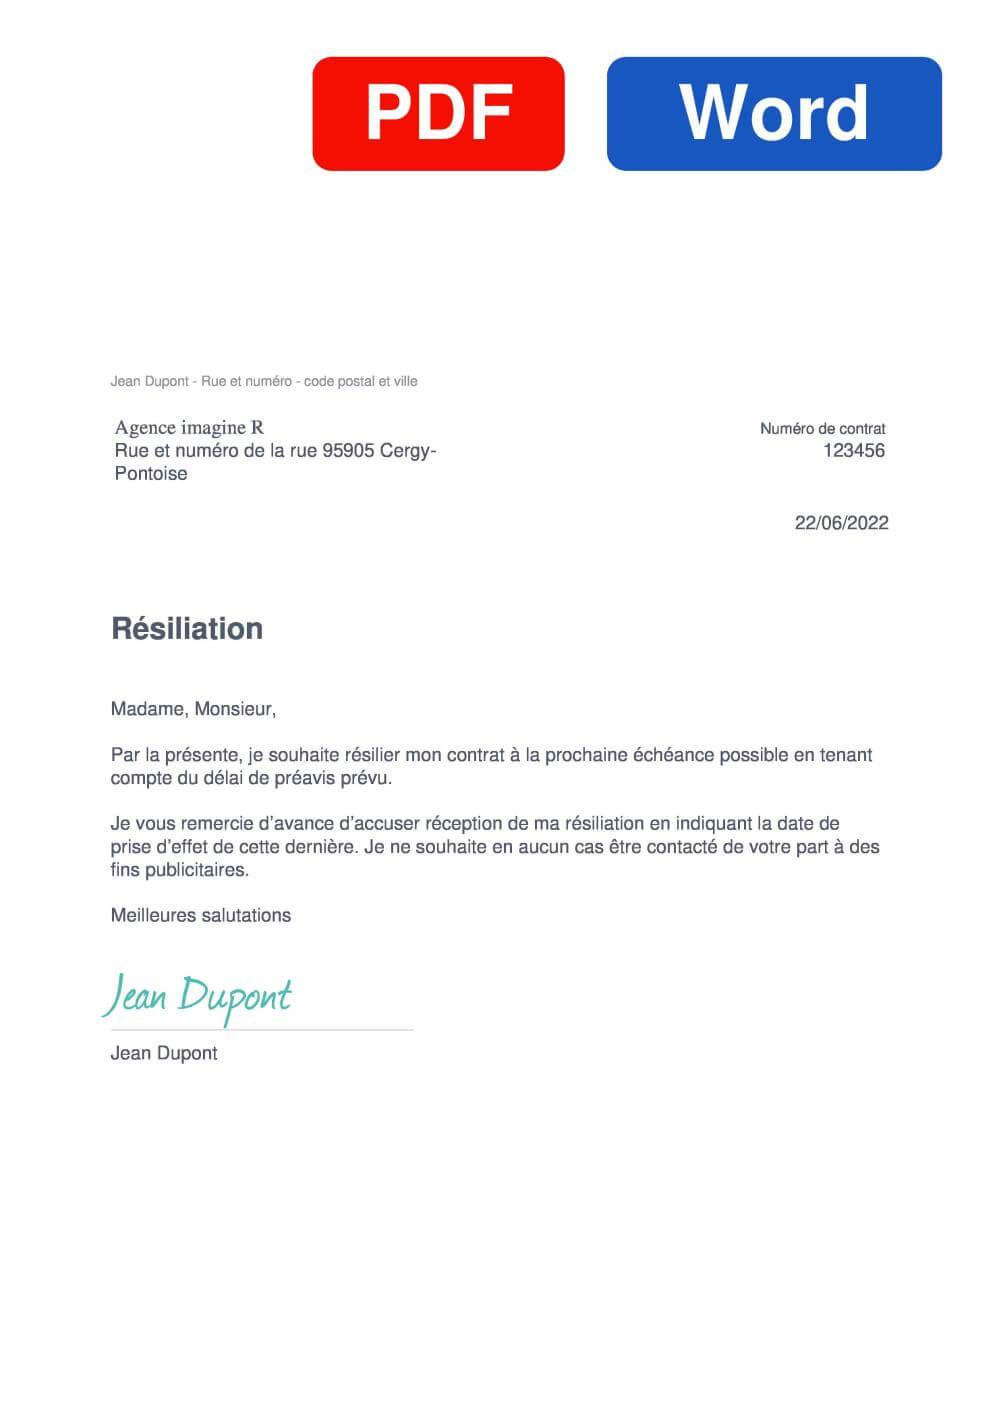 Imagine R Forfait RATP Modèle de lettre de résiliation